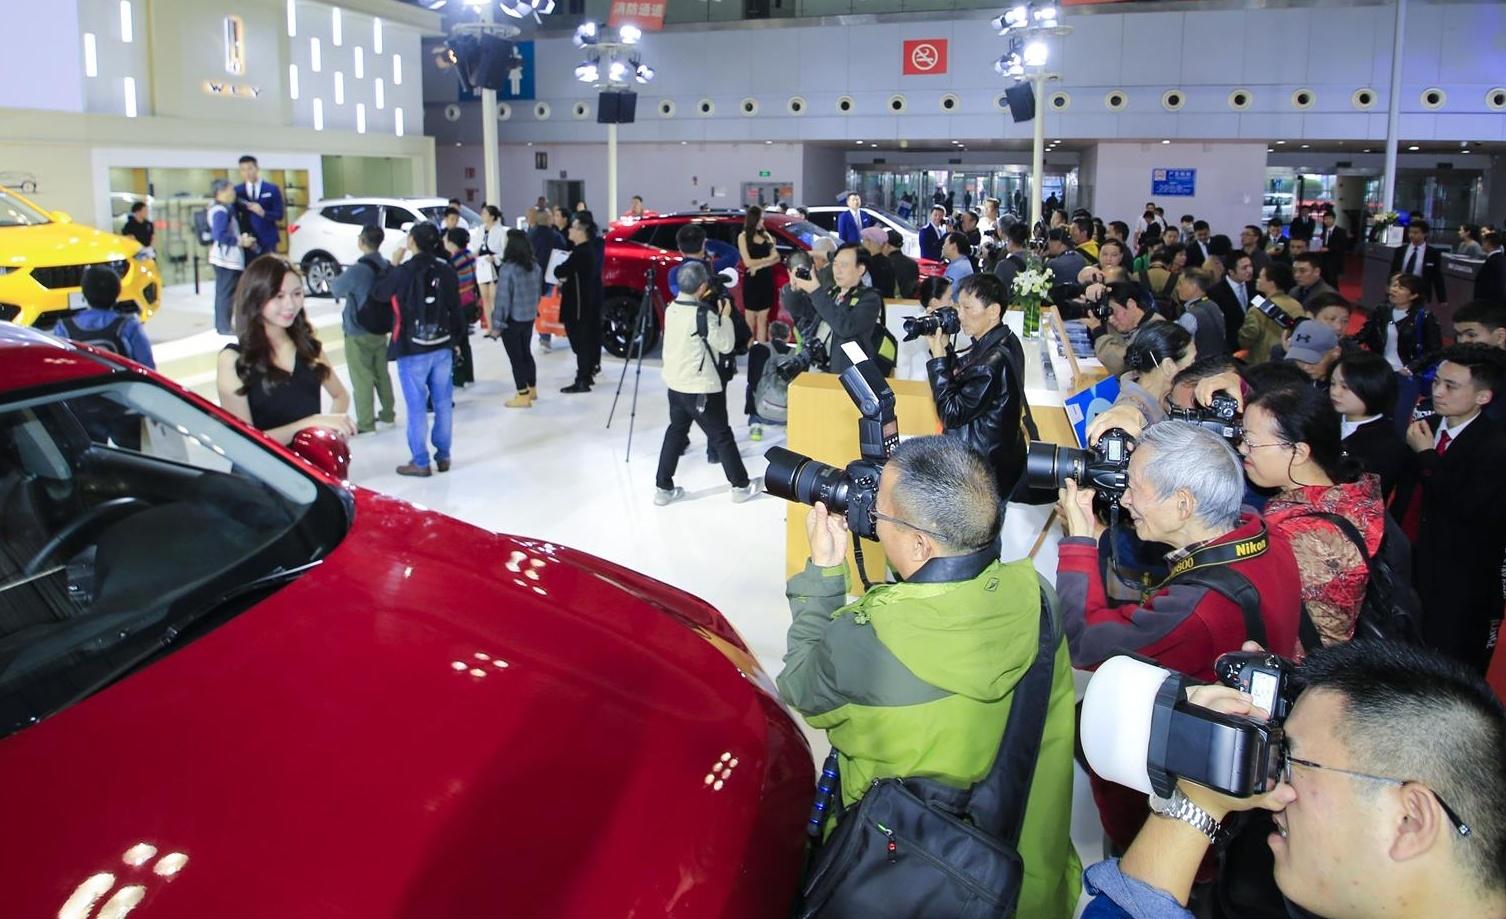 """<p> 重慶尚格會展服務有限公司。重慶車博會創辦于2011年,至今已成功舉辦8屆,已成為重慶地區汽車品牌展出、銷售的重要平臺之一,為山城人民搭建了一個集賞車、購車等為一體的便利平臺,帶動了重慶地區汽車市場的繁榮發展。本屆重慶車博會將本著""""科技、鉅惠、時尚""""的辦展理念,在精準集客、活動促銷、展會服務等方面優化升級,持續打造西南地區創新型車展。 </p>"""